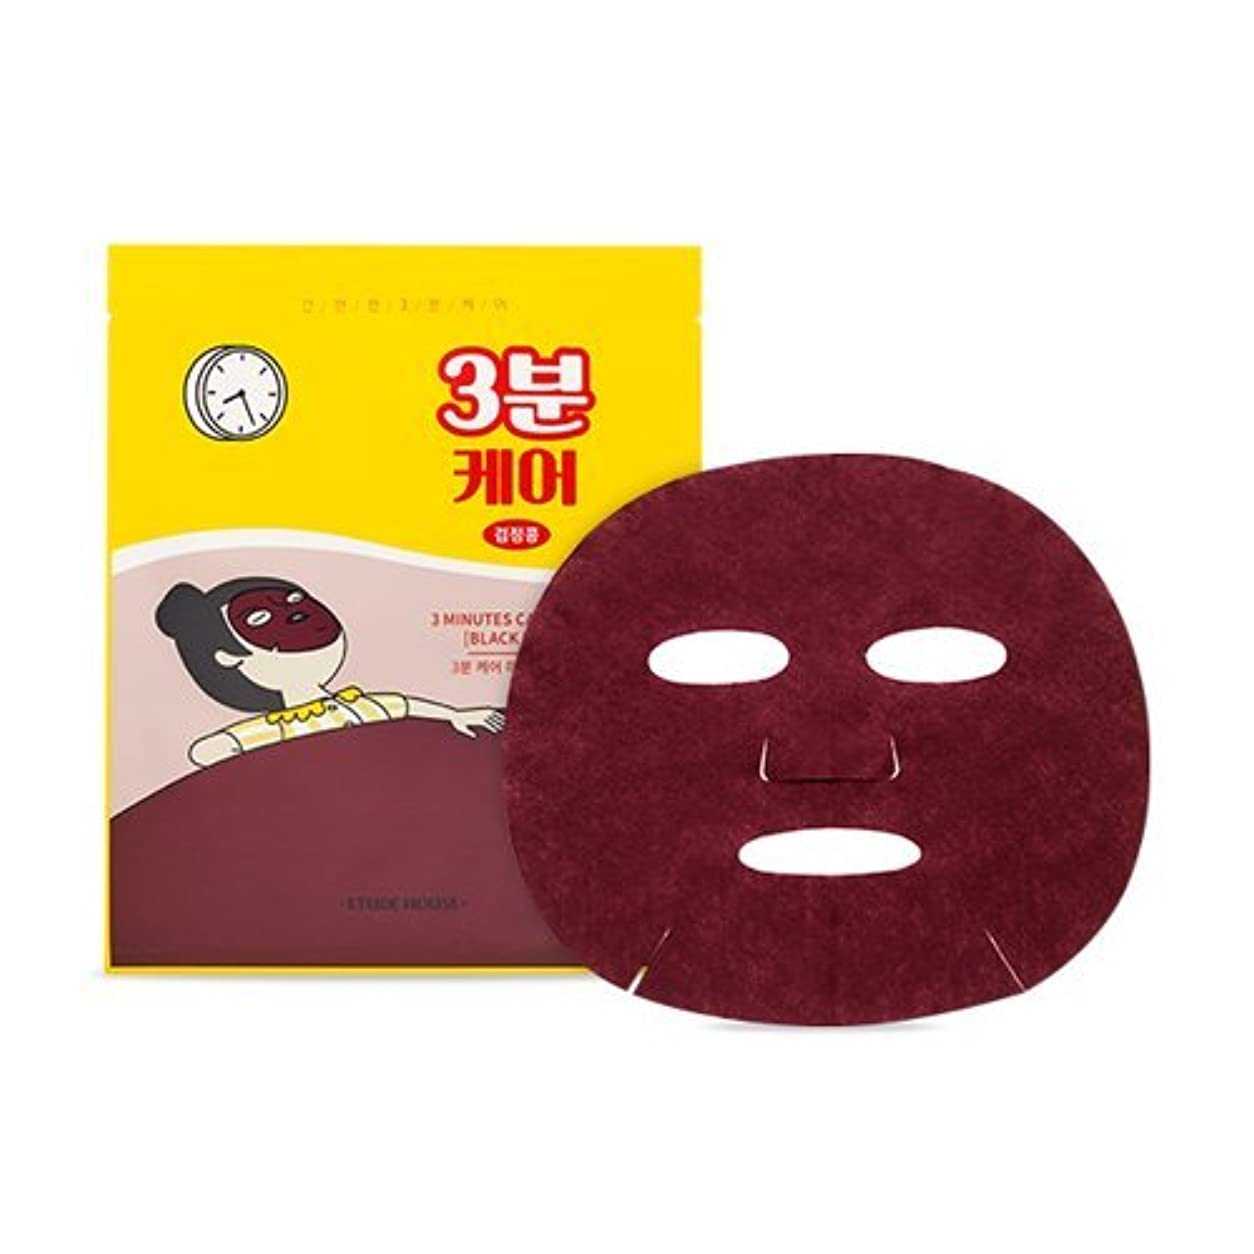 一降雨アートエチュードハウス 3分ケア マスク[ ブラックビーン ] 5枚/ETUDE HOUSE 3 Minutes Care Mask [BLACK BEAN] 23g*5EA